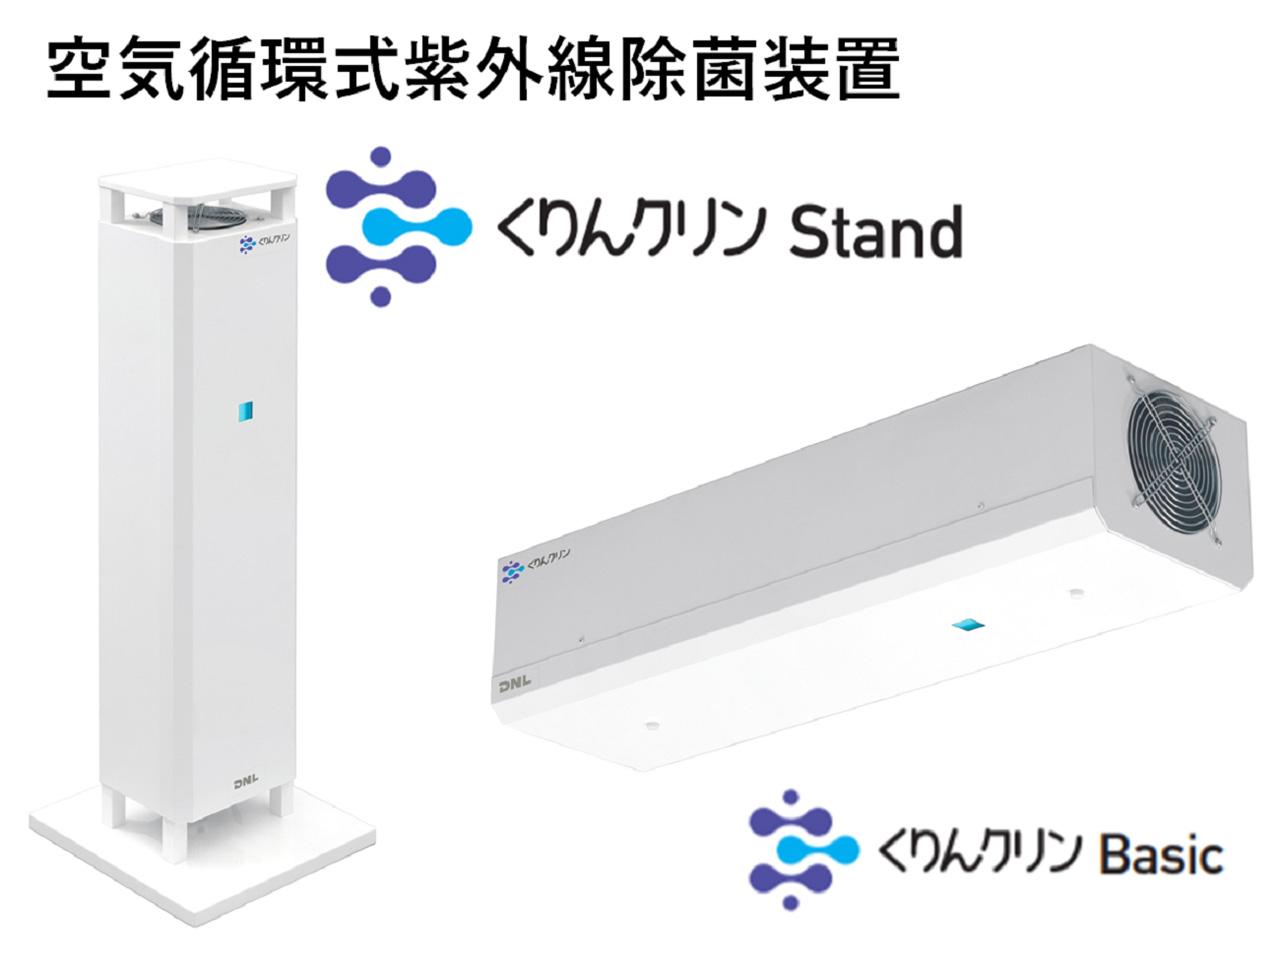 紫外線除菌装置「くりんクリン」